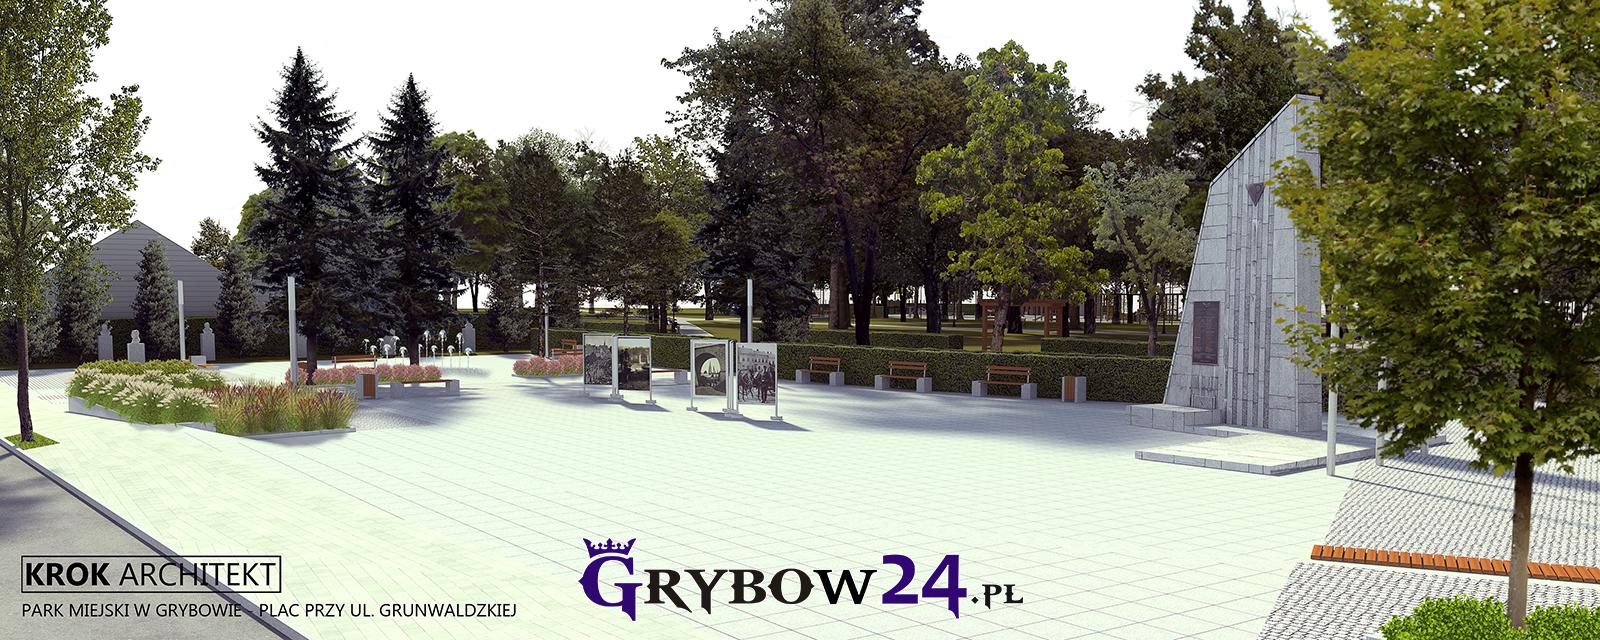 Rewitalizacja Parku Miejskiego w Grybowie (Wizualizacja KROK ARCHITEKT)